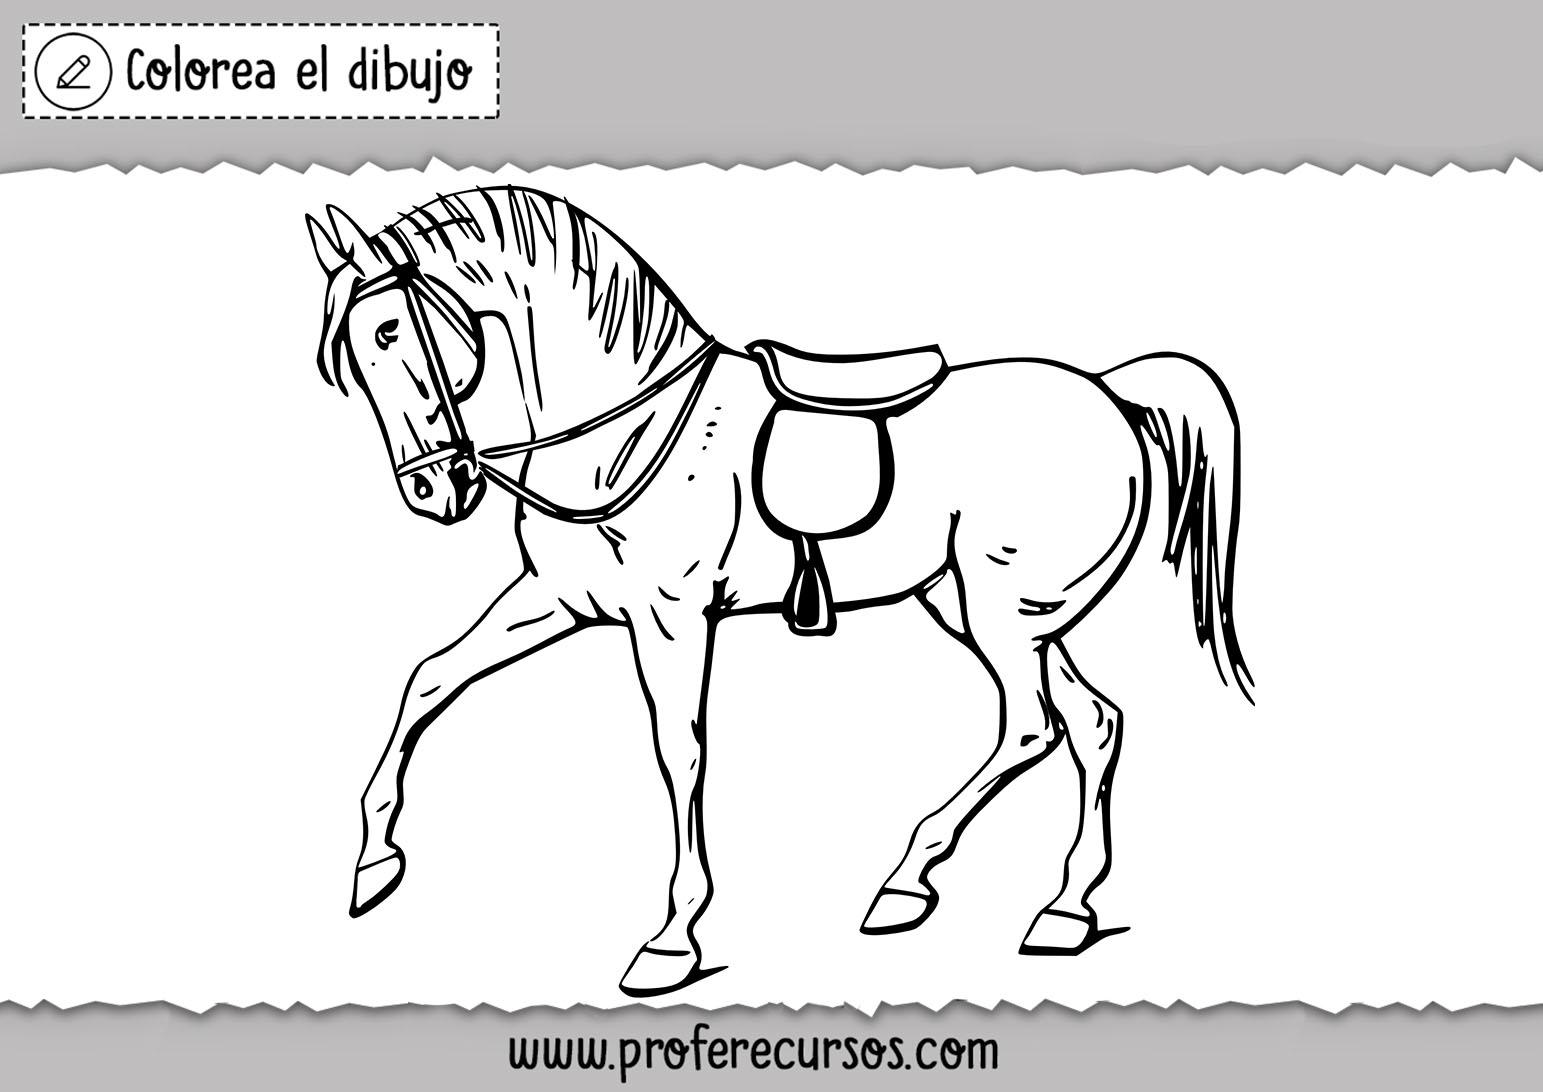 Colorear dibujo de caballo